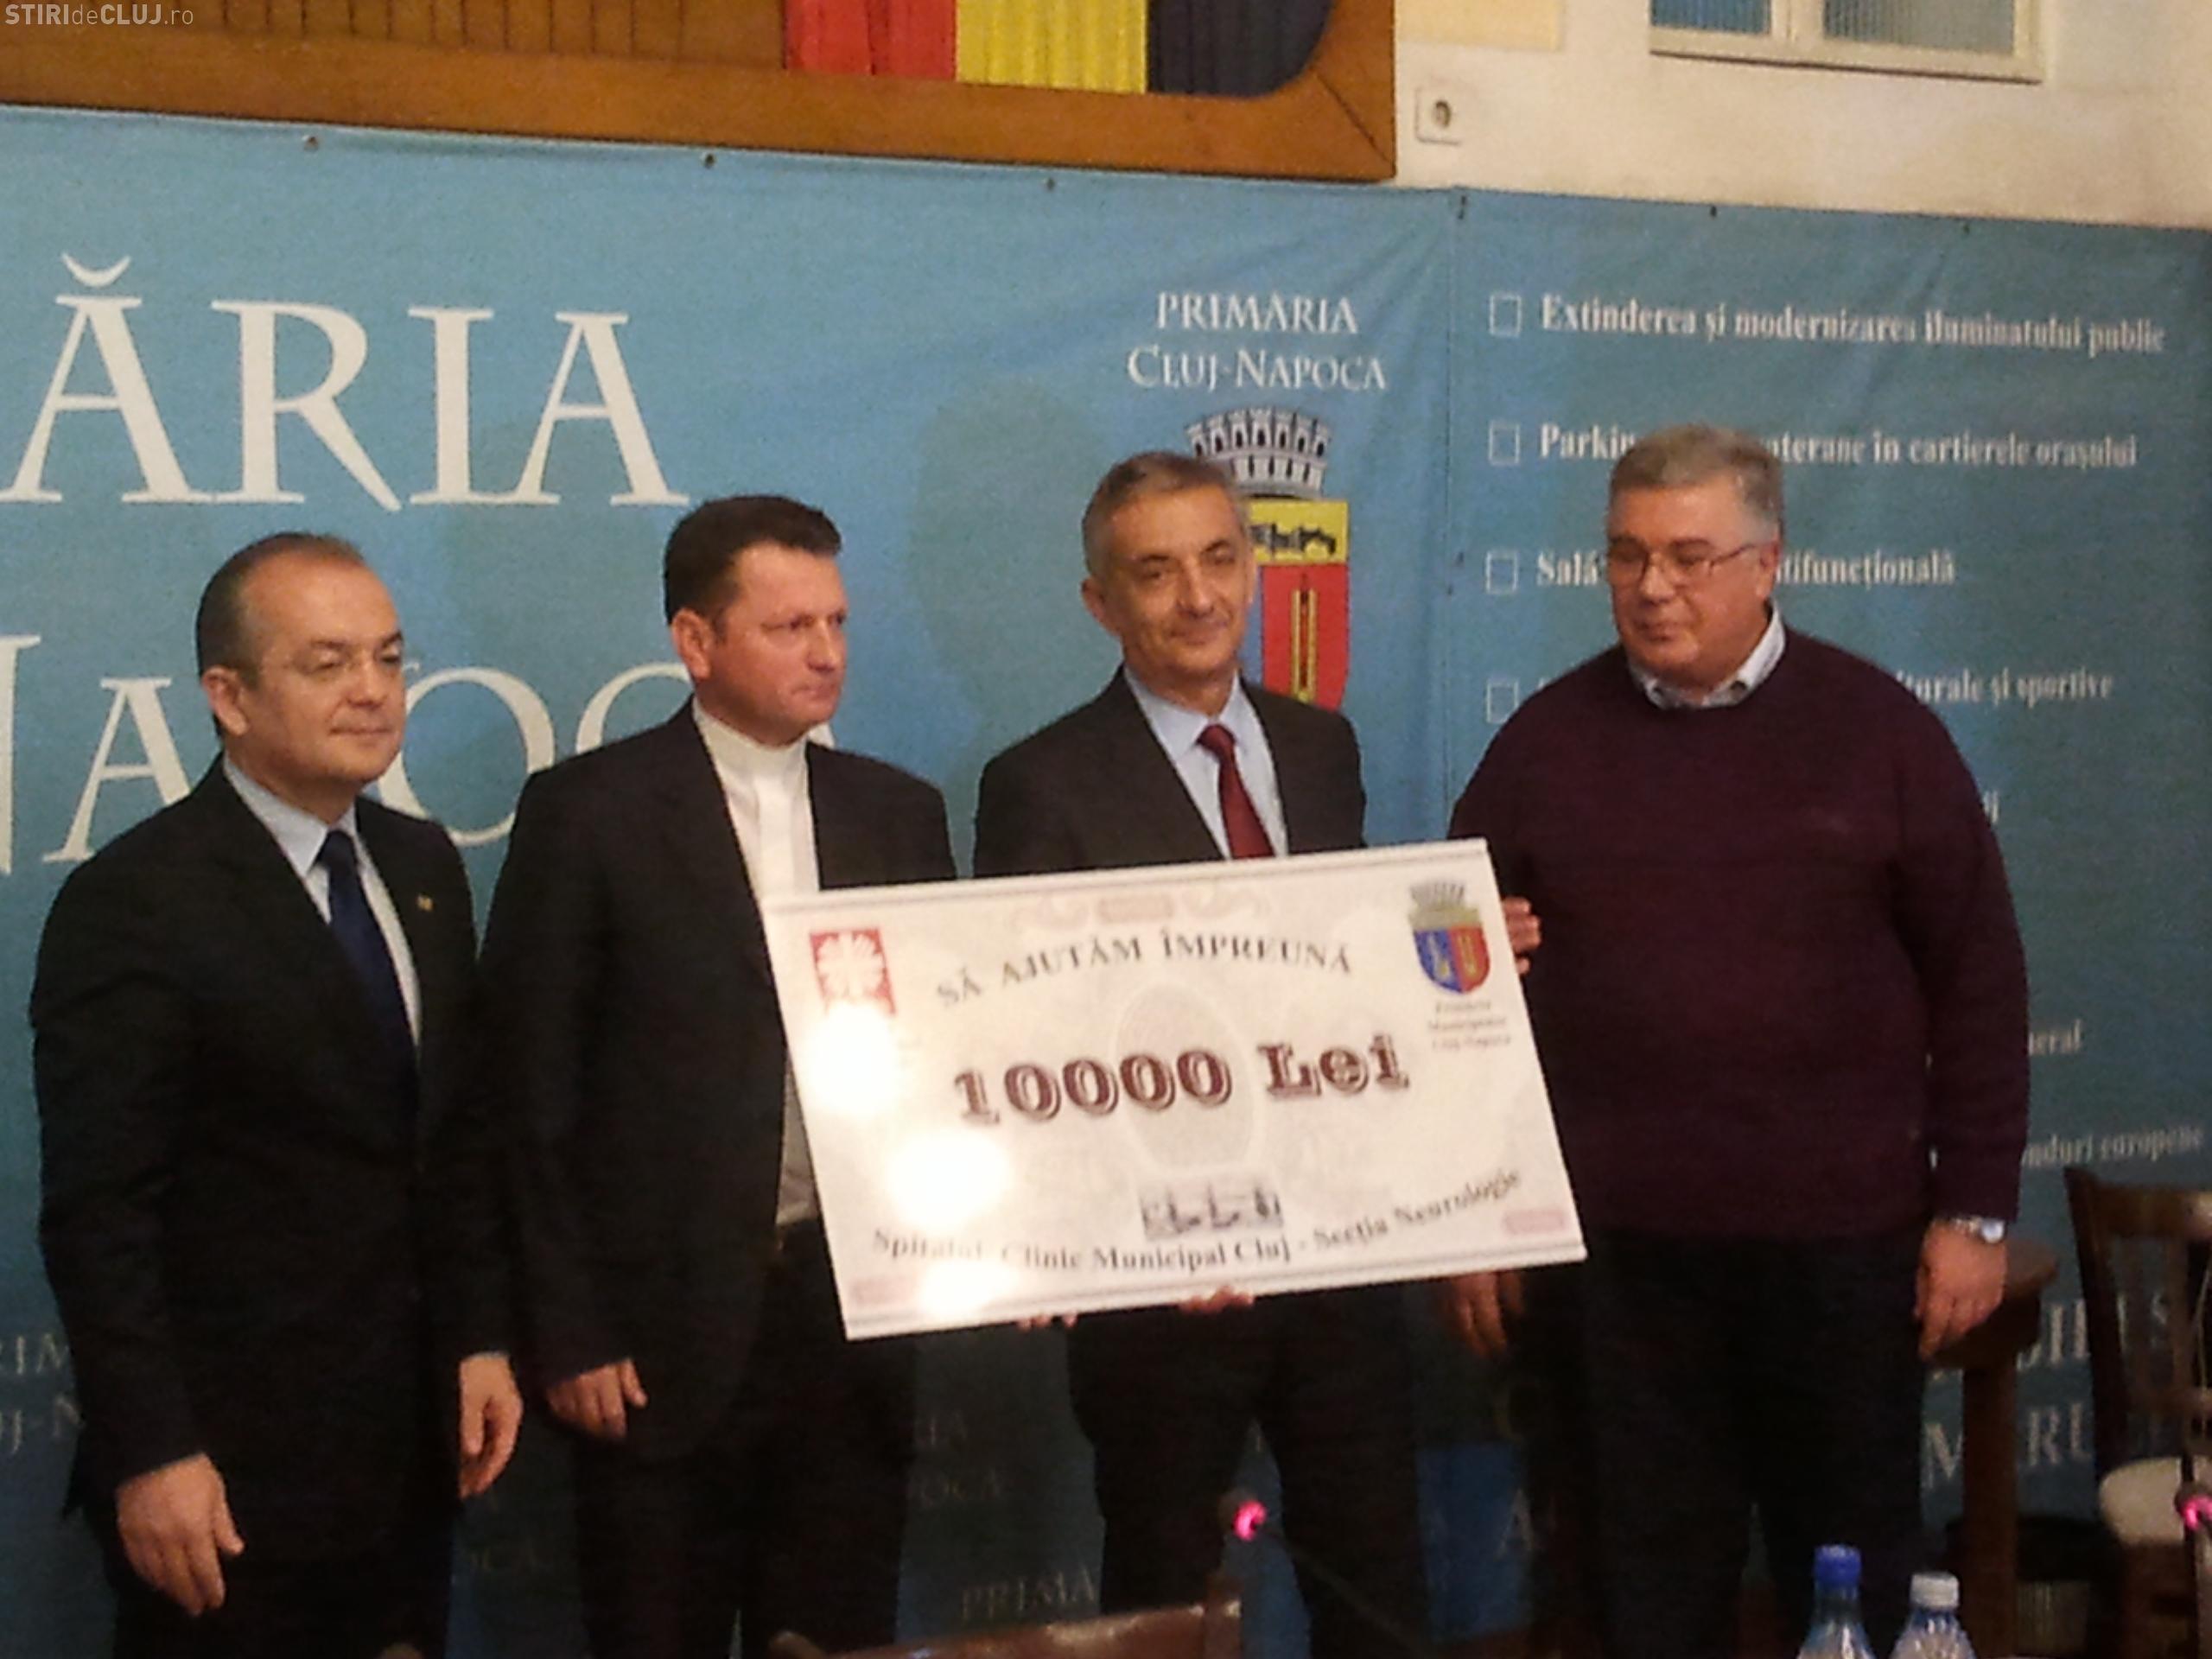 Asociația Caritas donează 10.000 de lei Spitalului Clinic Municipal. Banii provin din hainele vechi donate de clujeni - FOTO